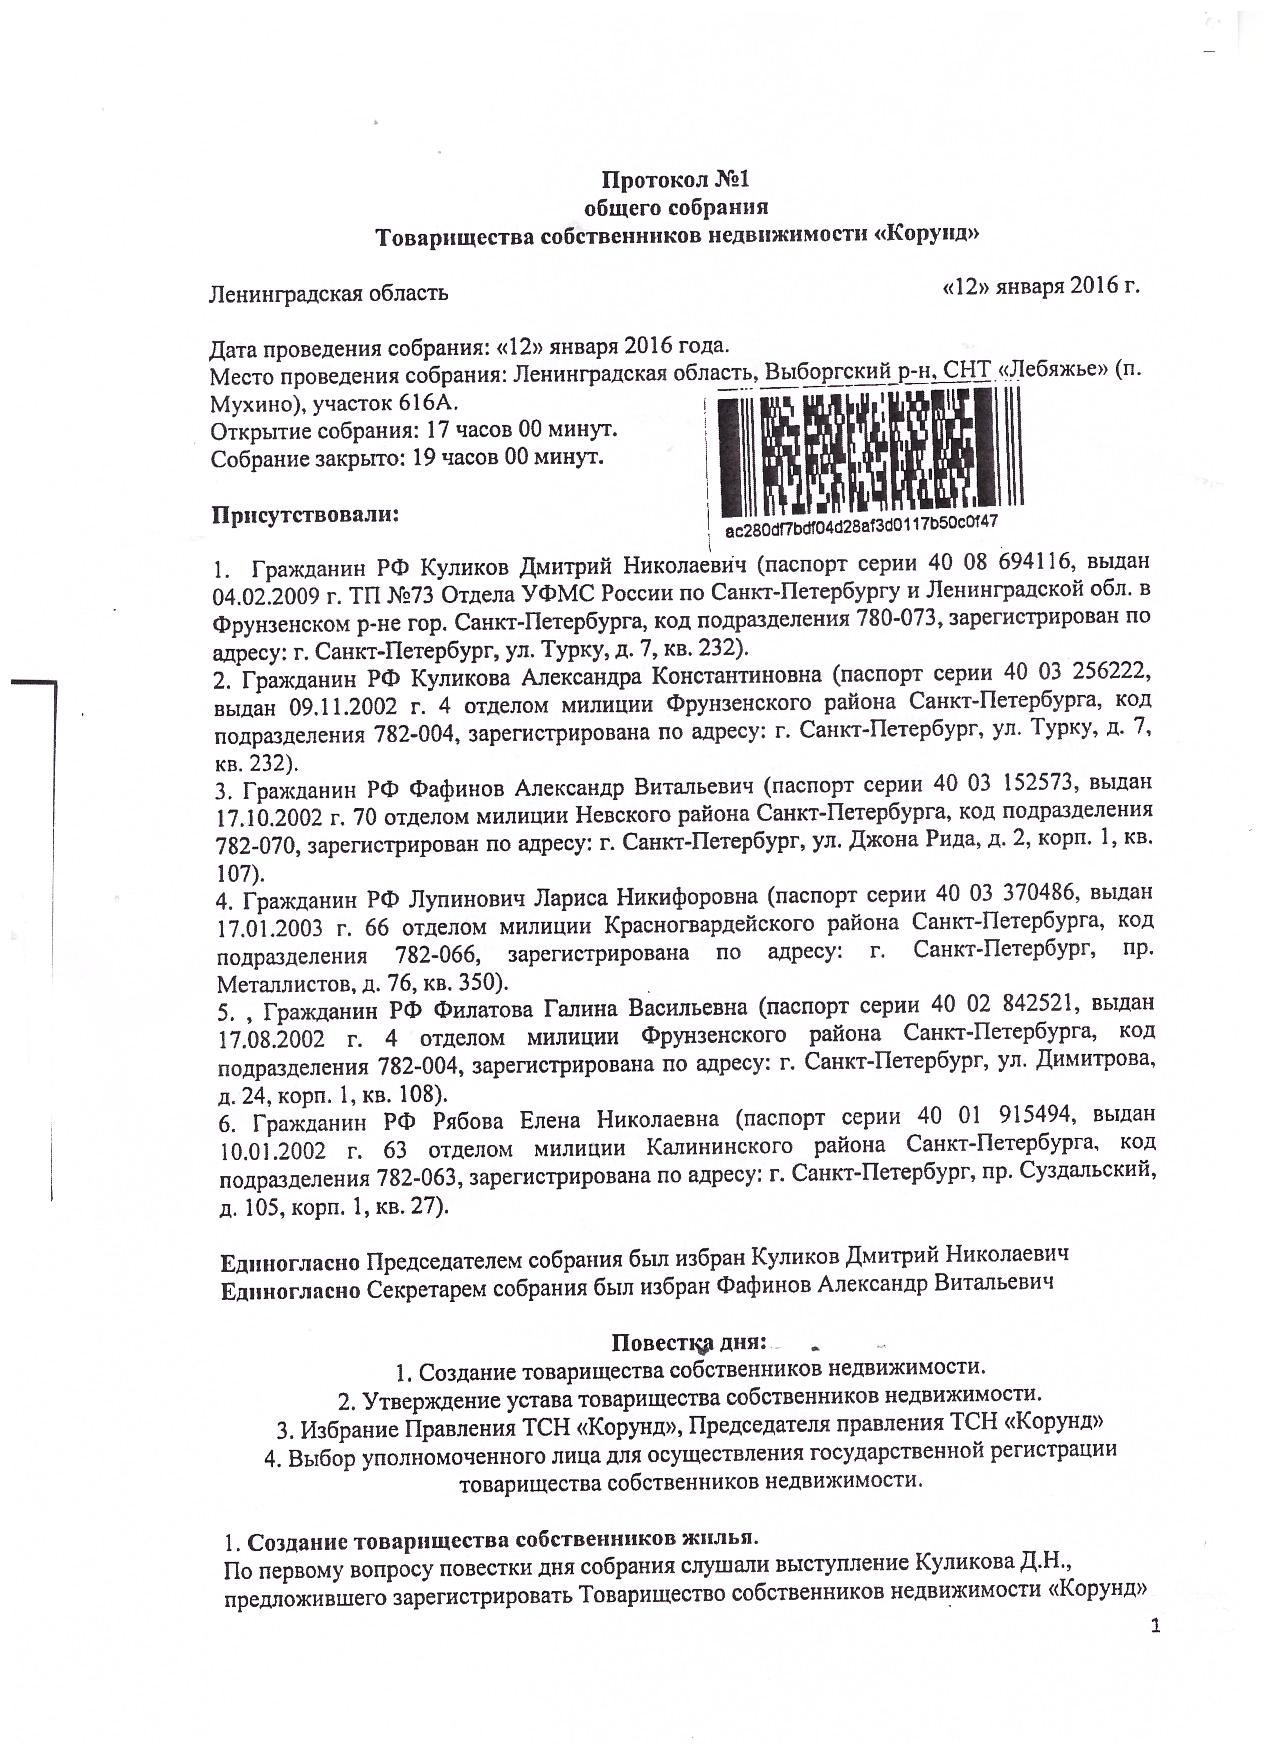 протокол совместного собрания о присоединении ооо к ооо в 2013 году образец